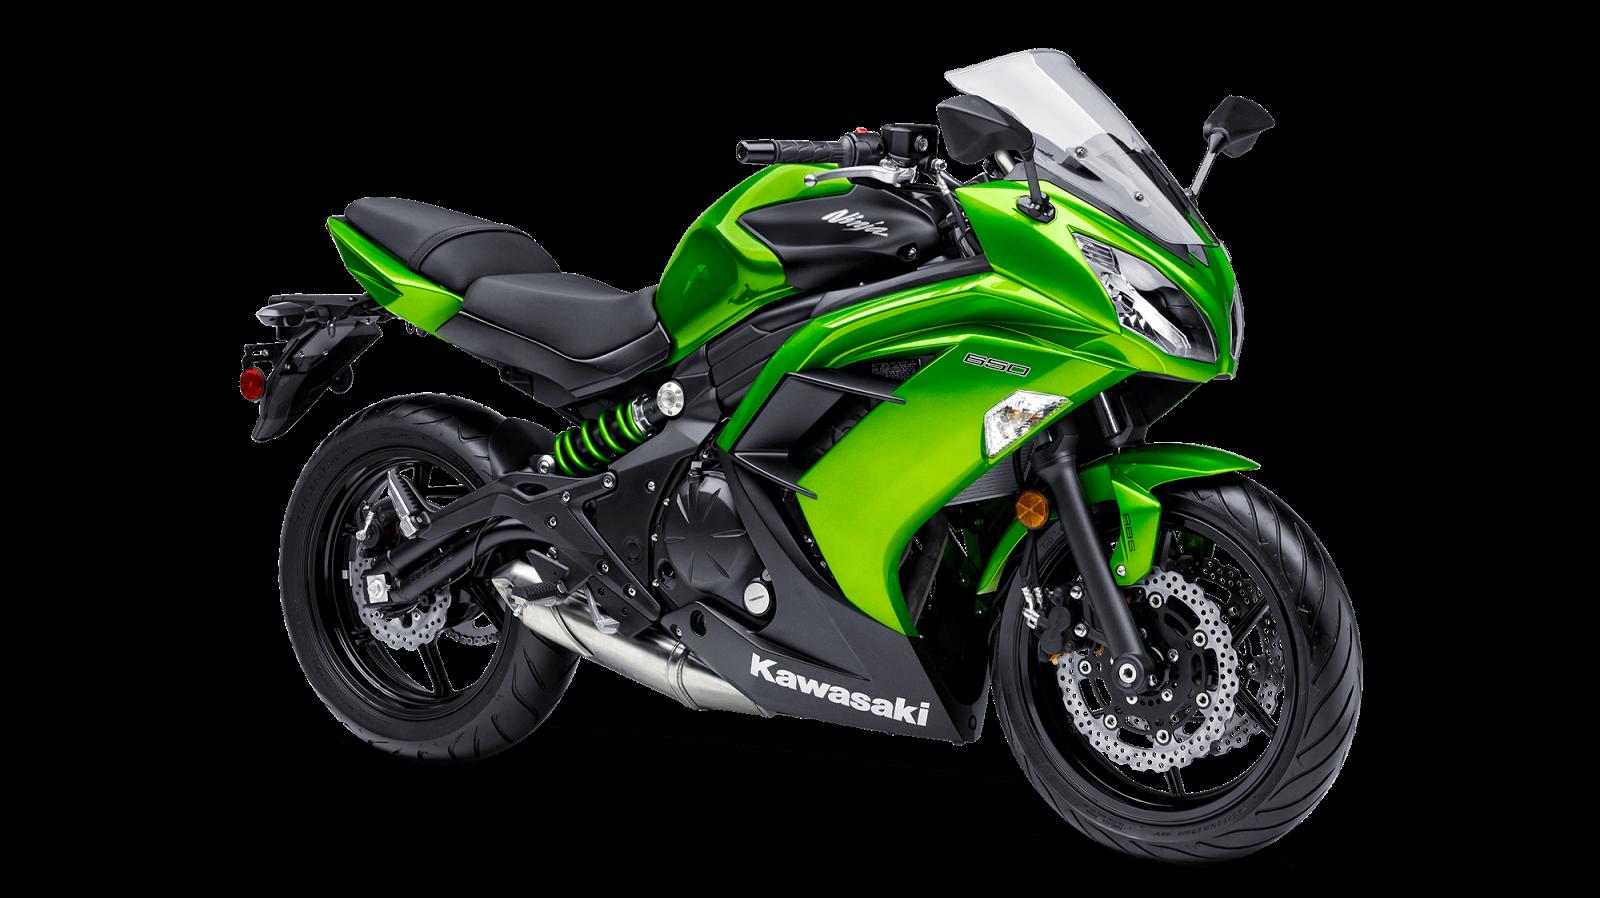 Todo sobre motos: Kawasaki Ninja 650